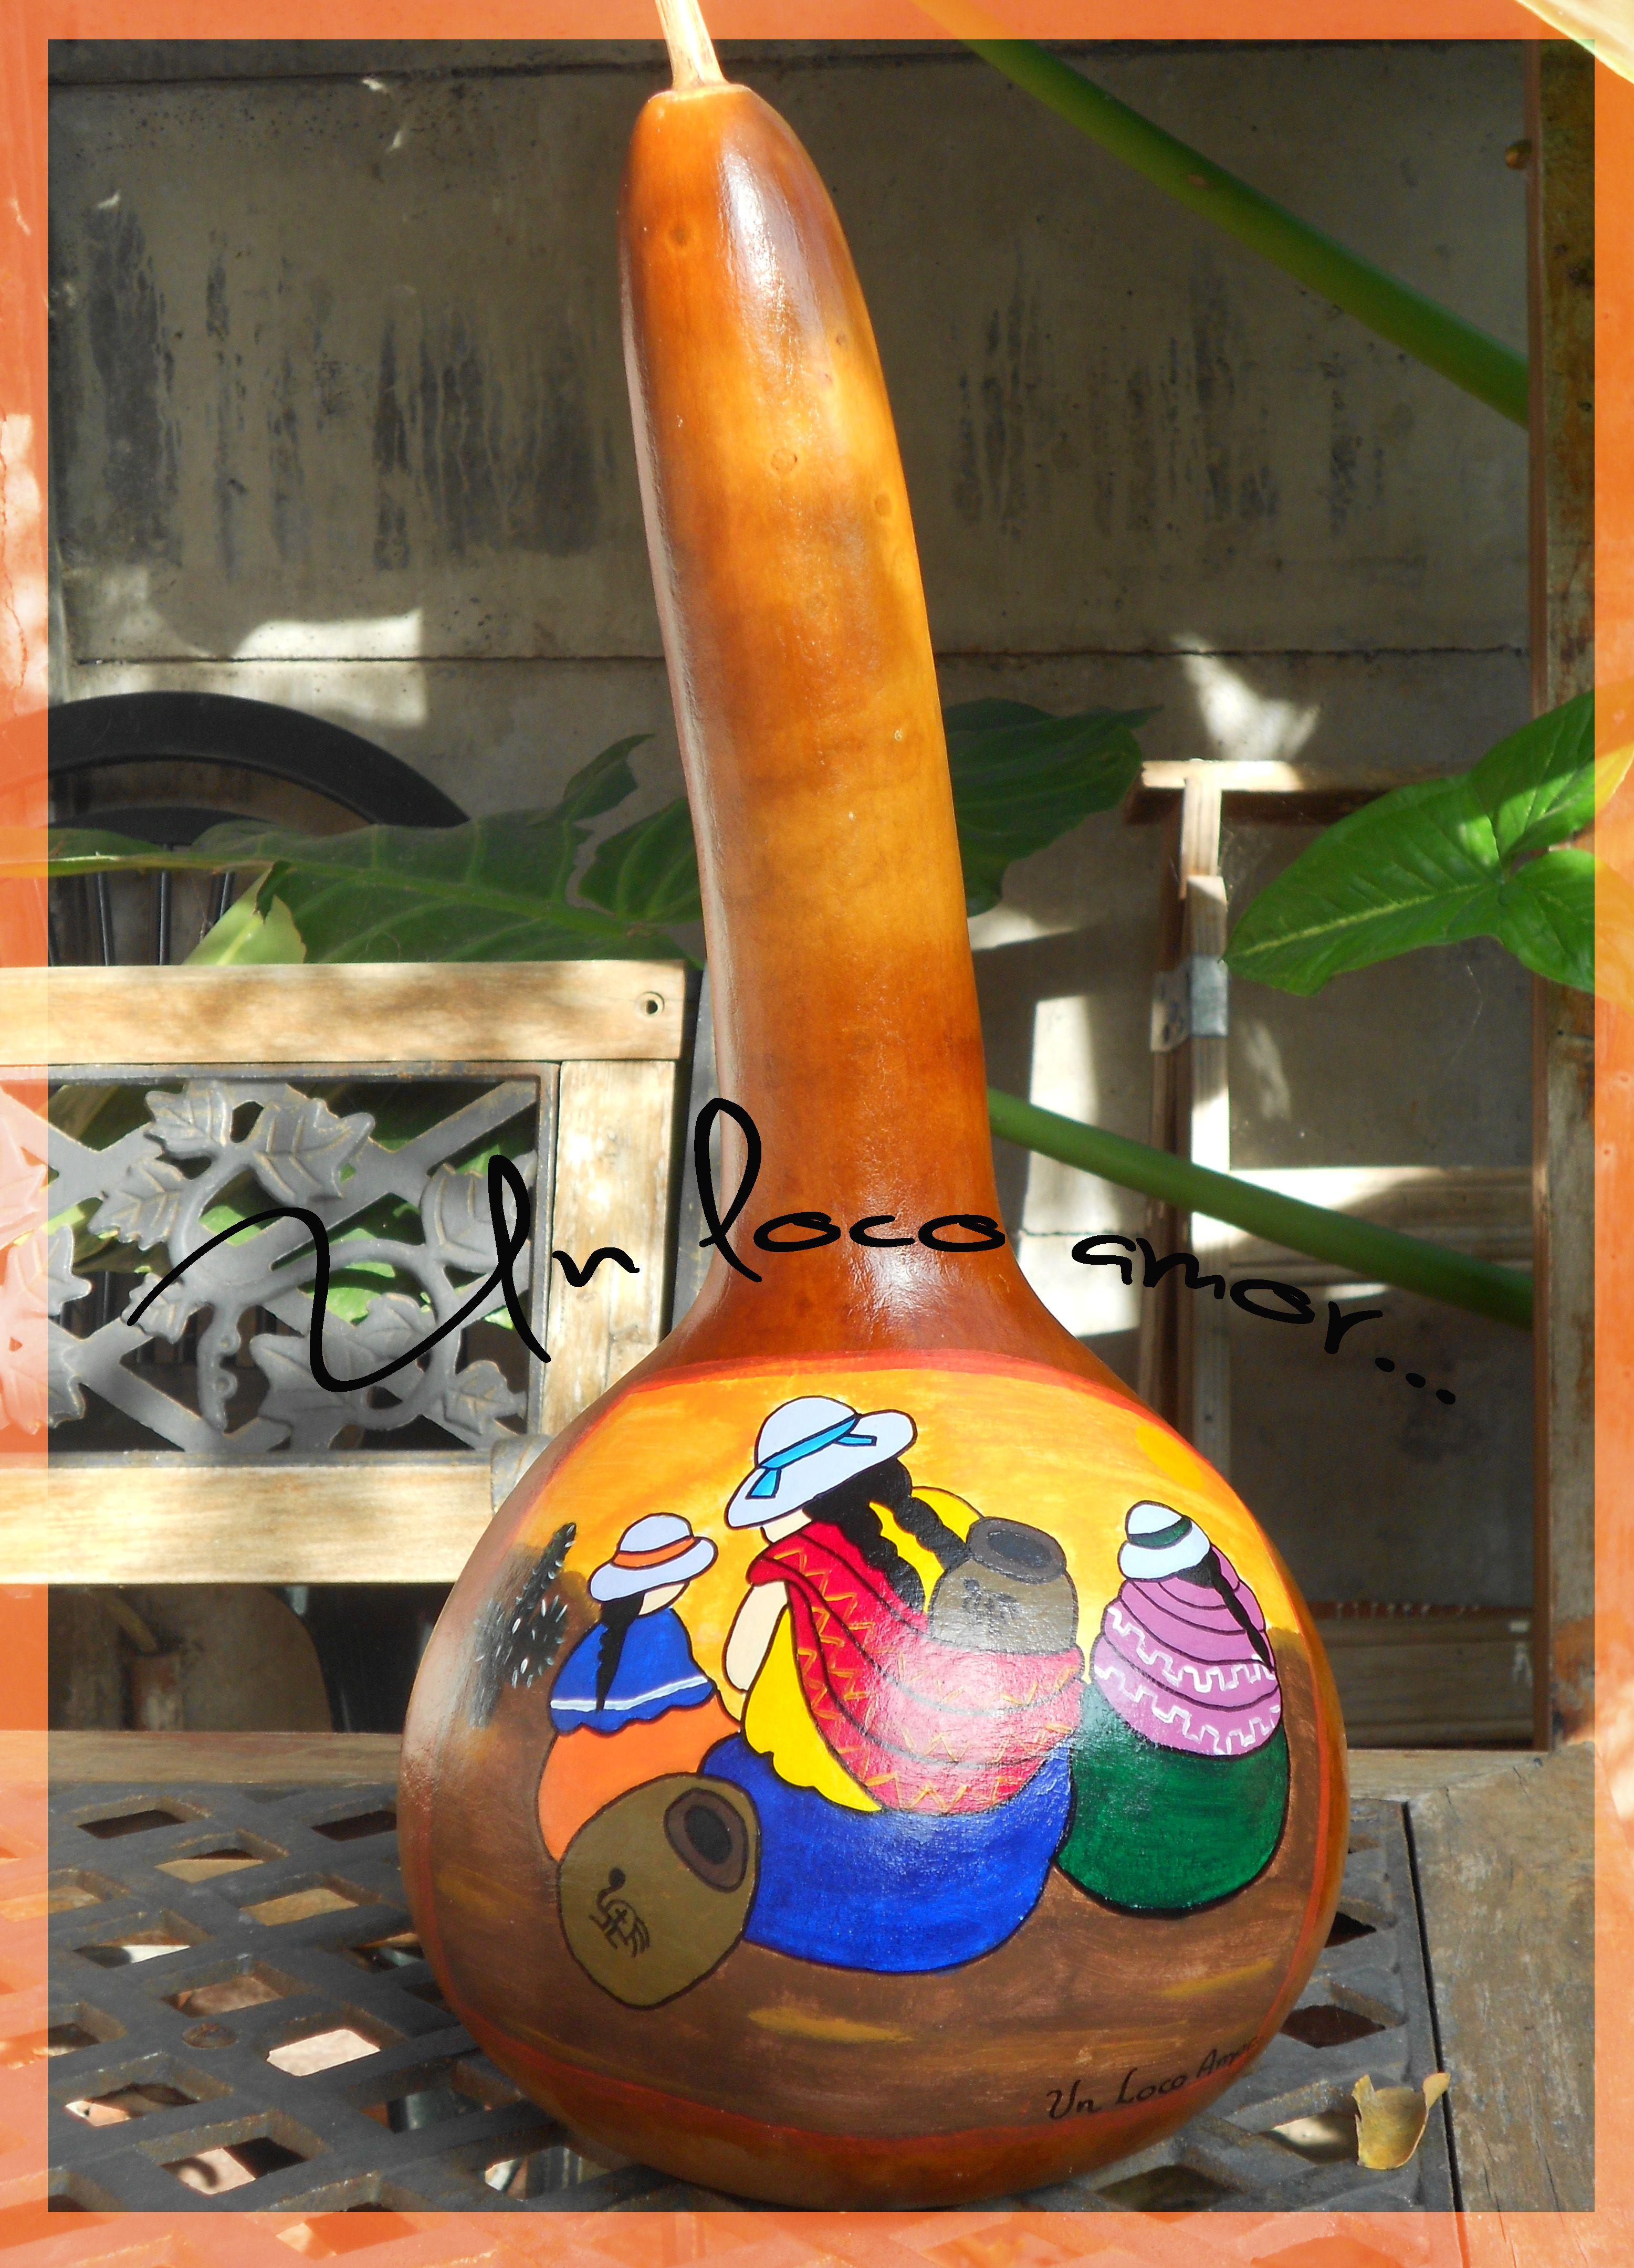 Calabazas pintadas pinturas pinterest pintar calabazas y manualidades - Calabazas de halloween pintadas ...